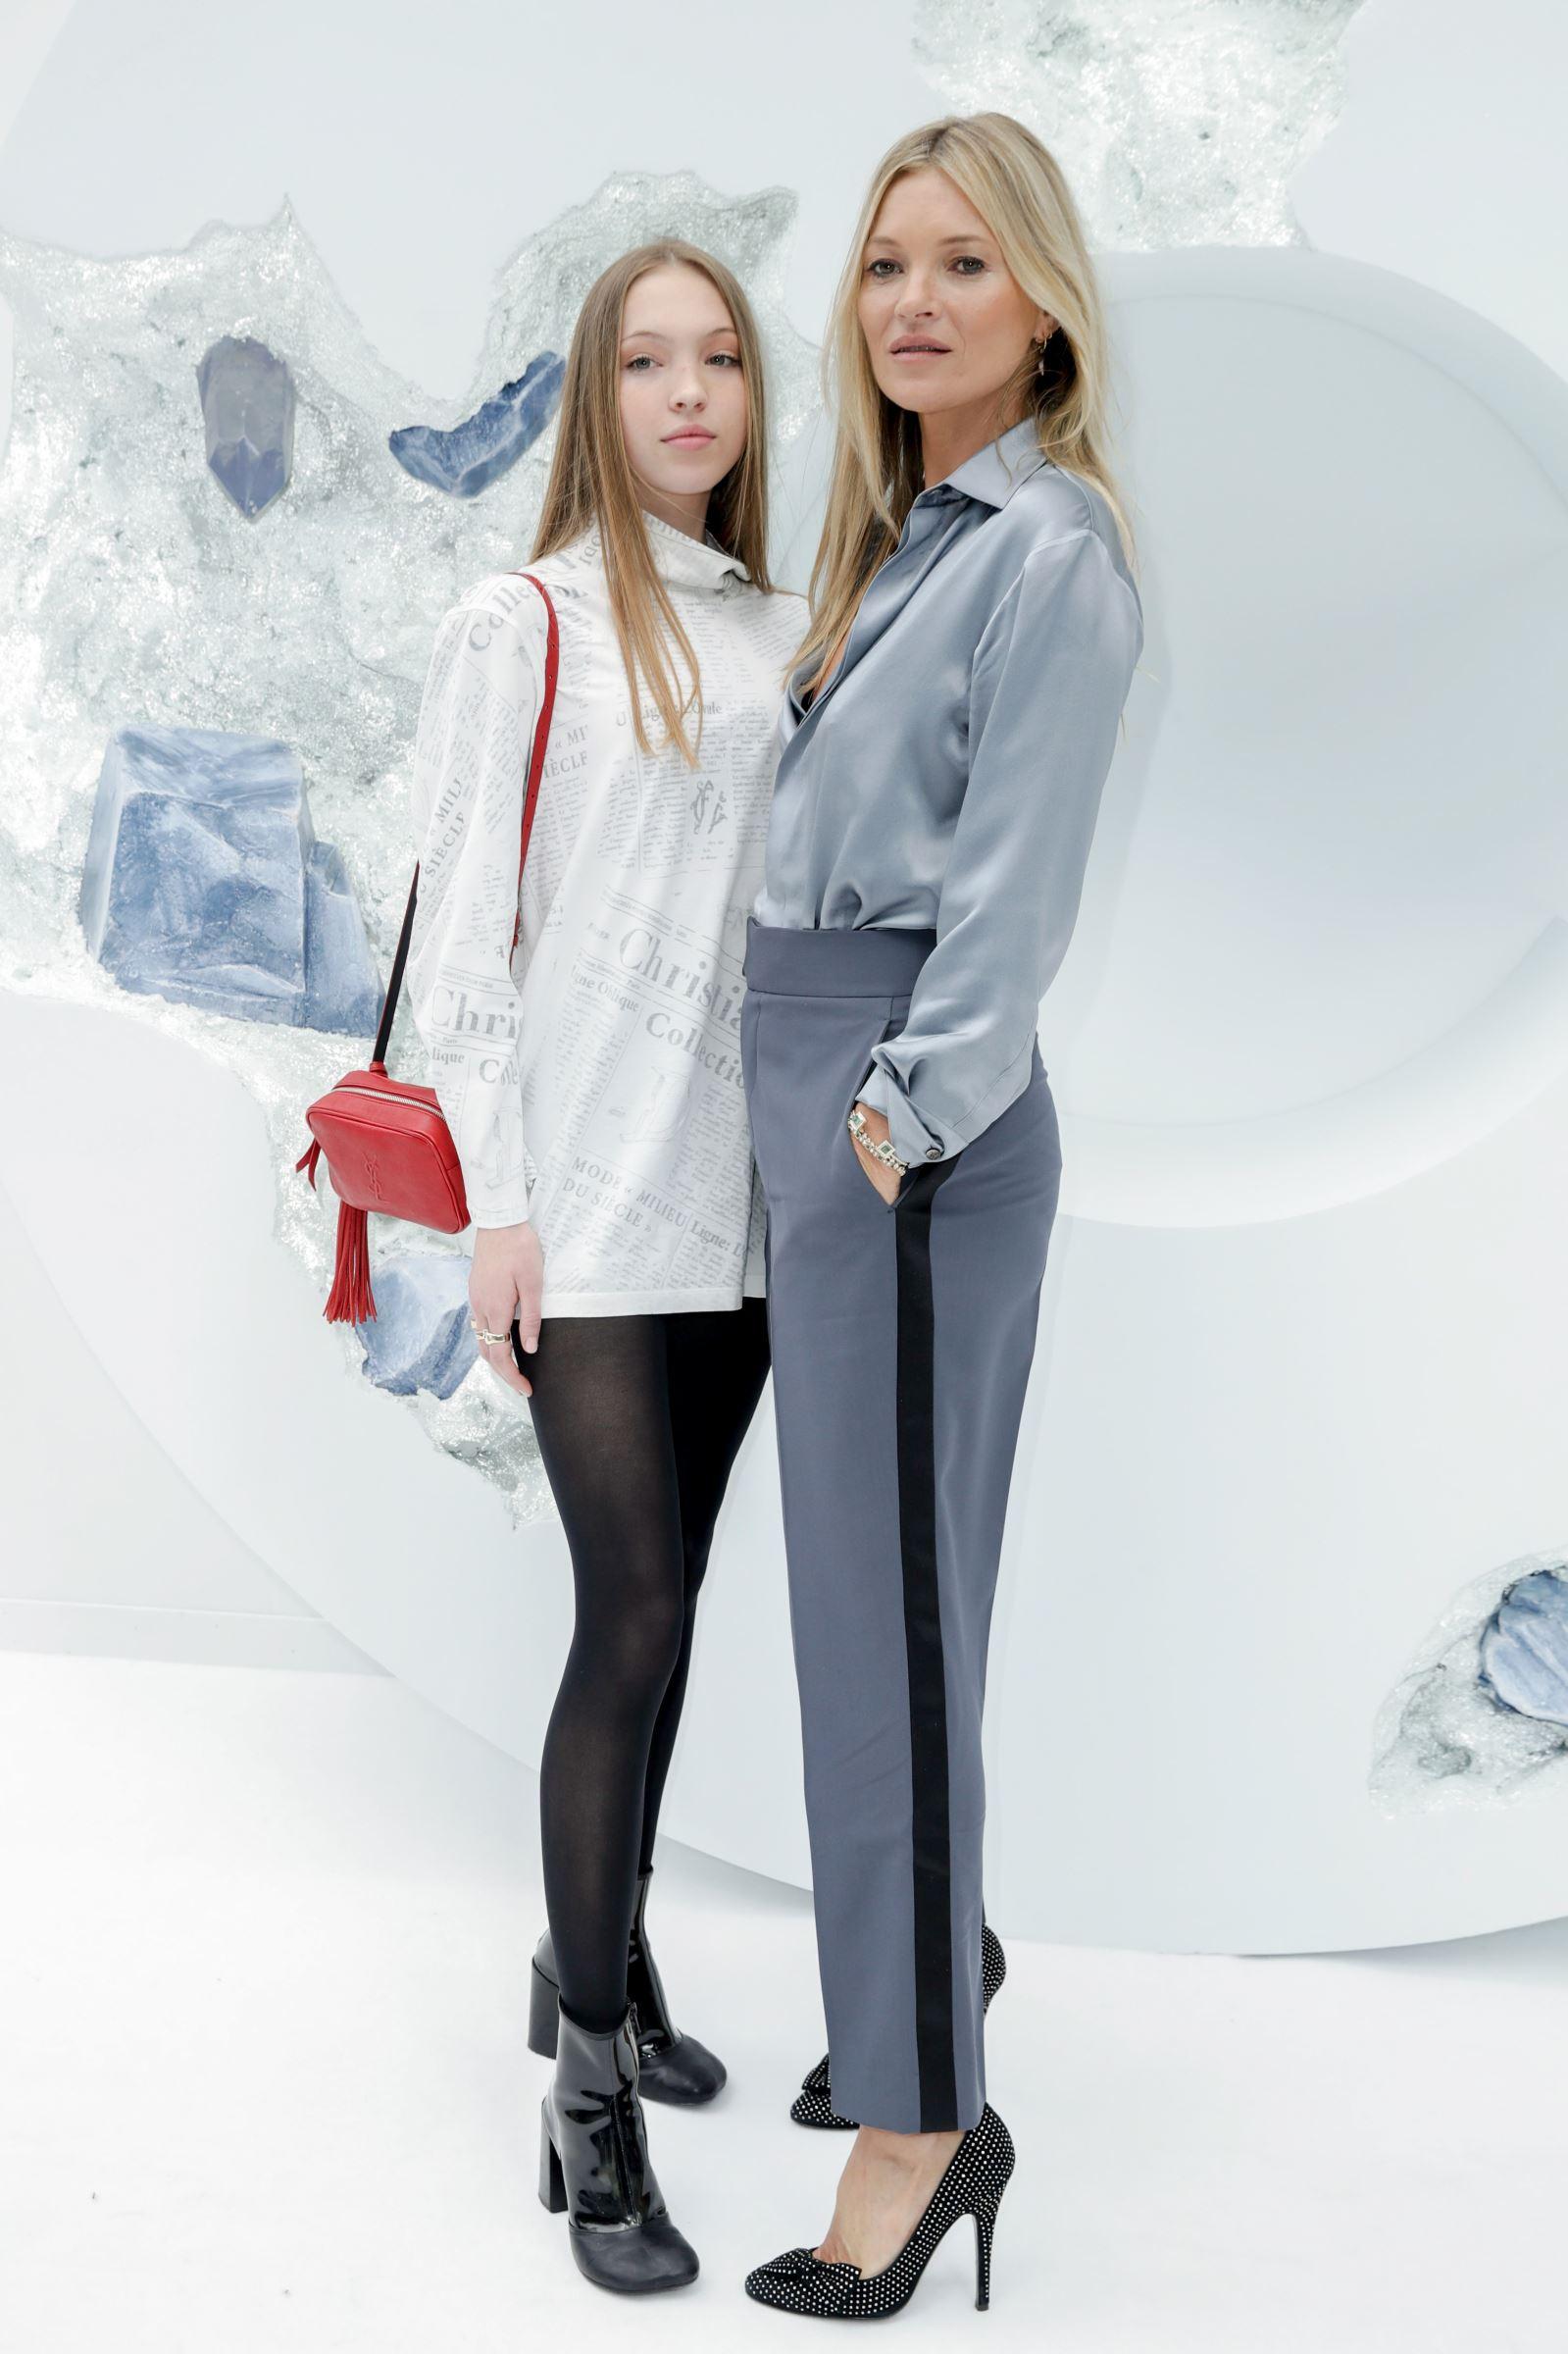 PHOTOS. Kate Moss : duo complice avec sa fille Lila-Grace à la... - Closer